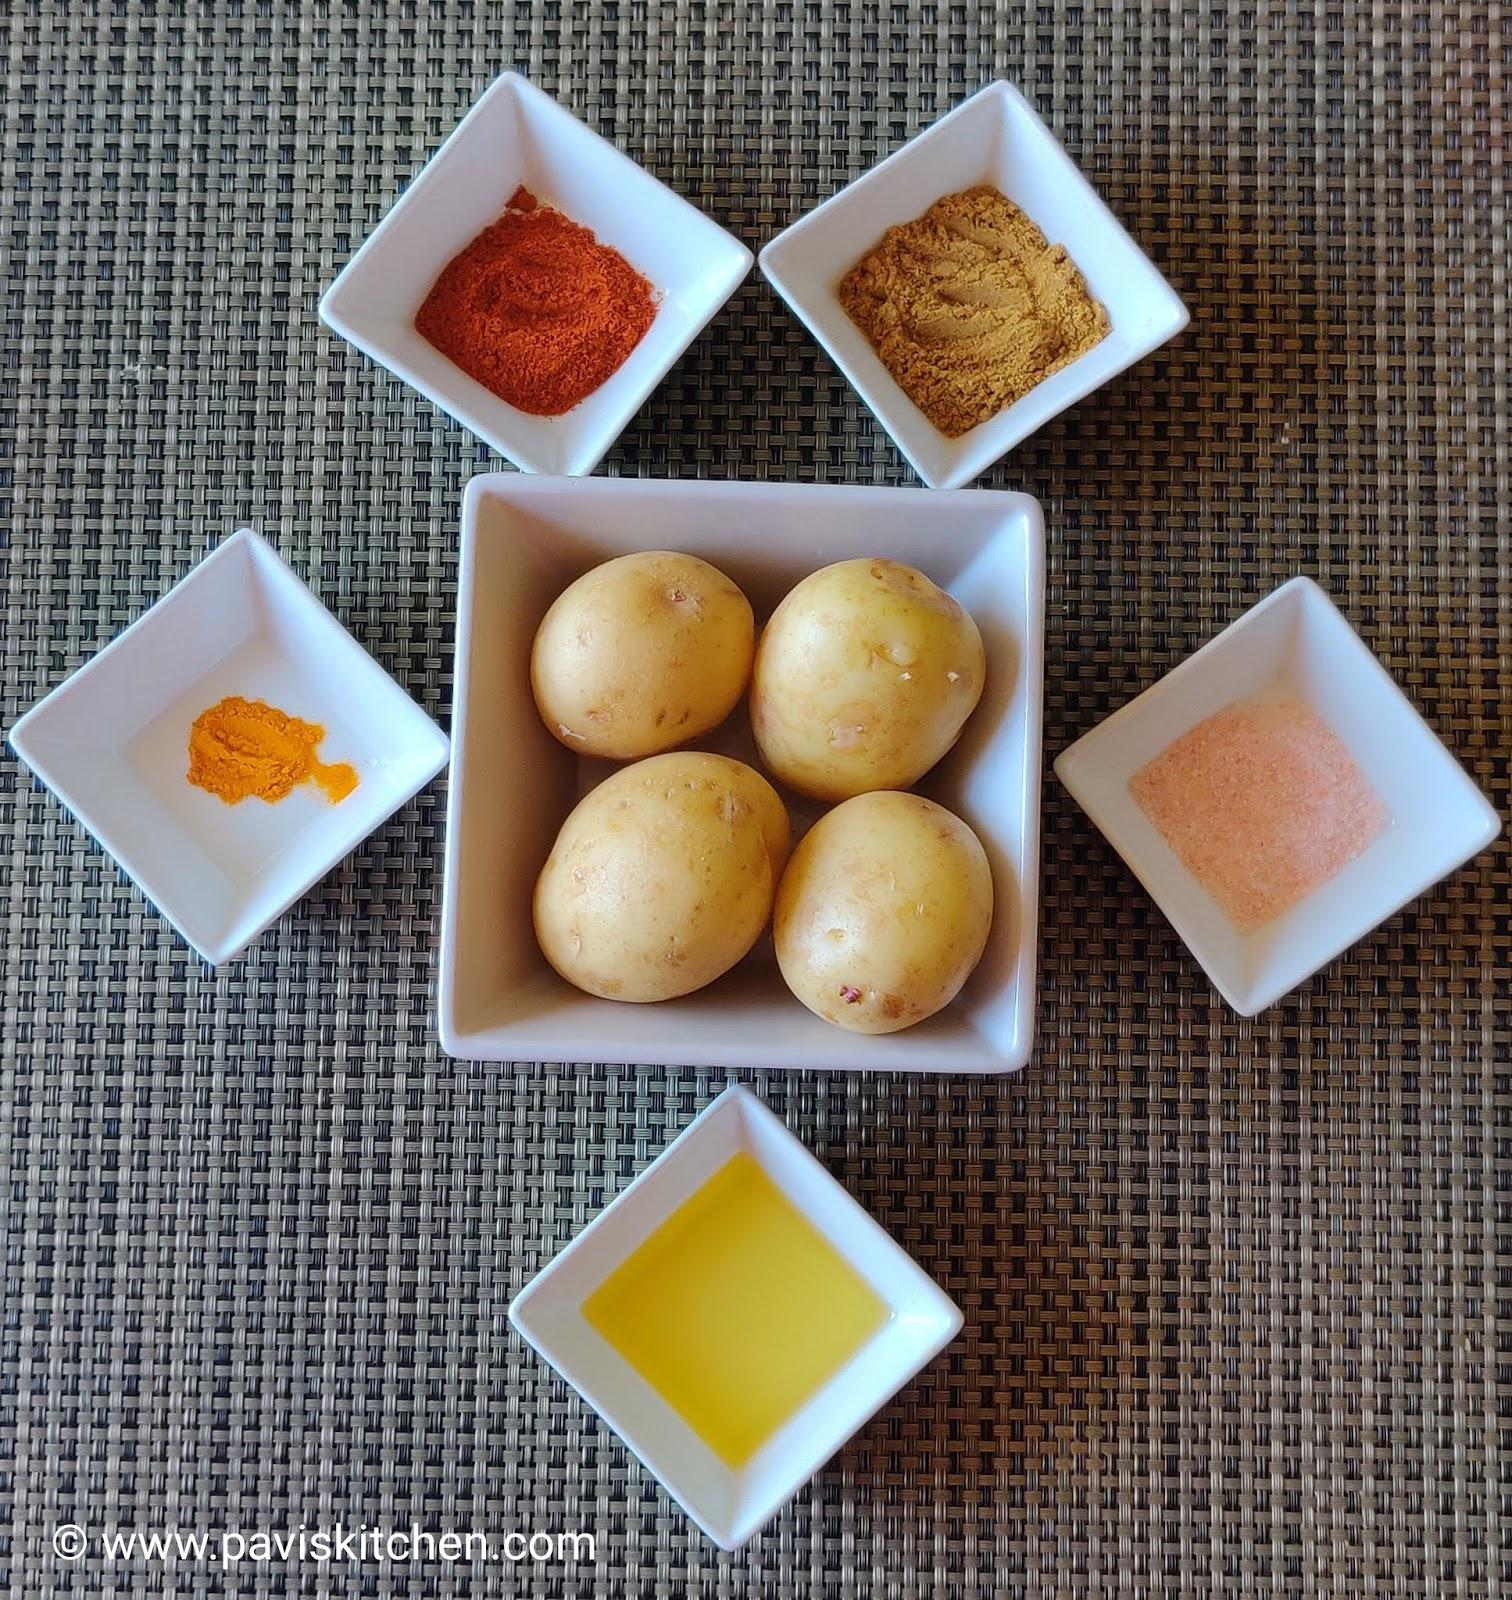 South Indian Urulai kizhangu Roast Recipe | South Indian Spicy Potato Roast Recipe | Batata Roast